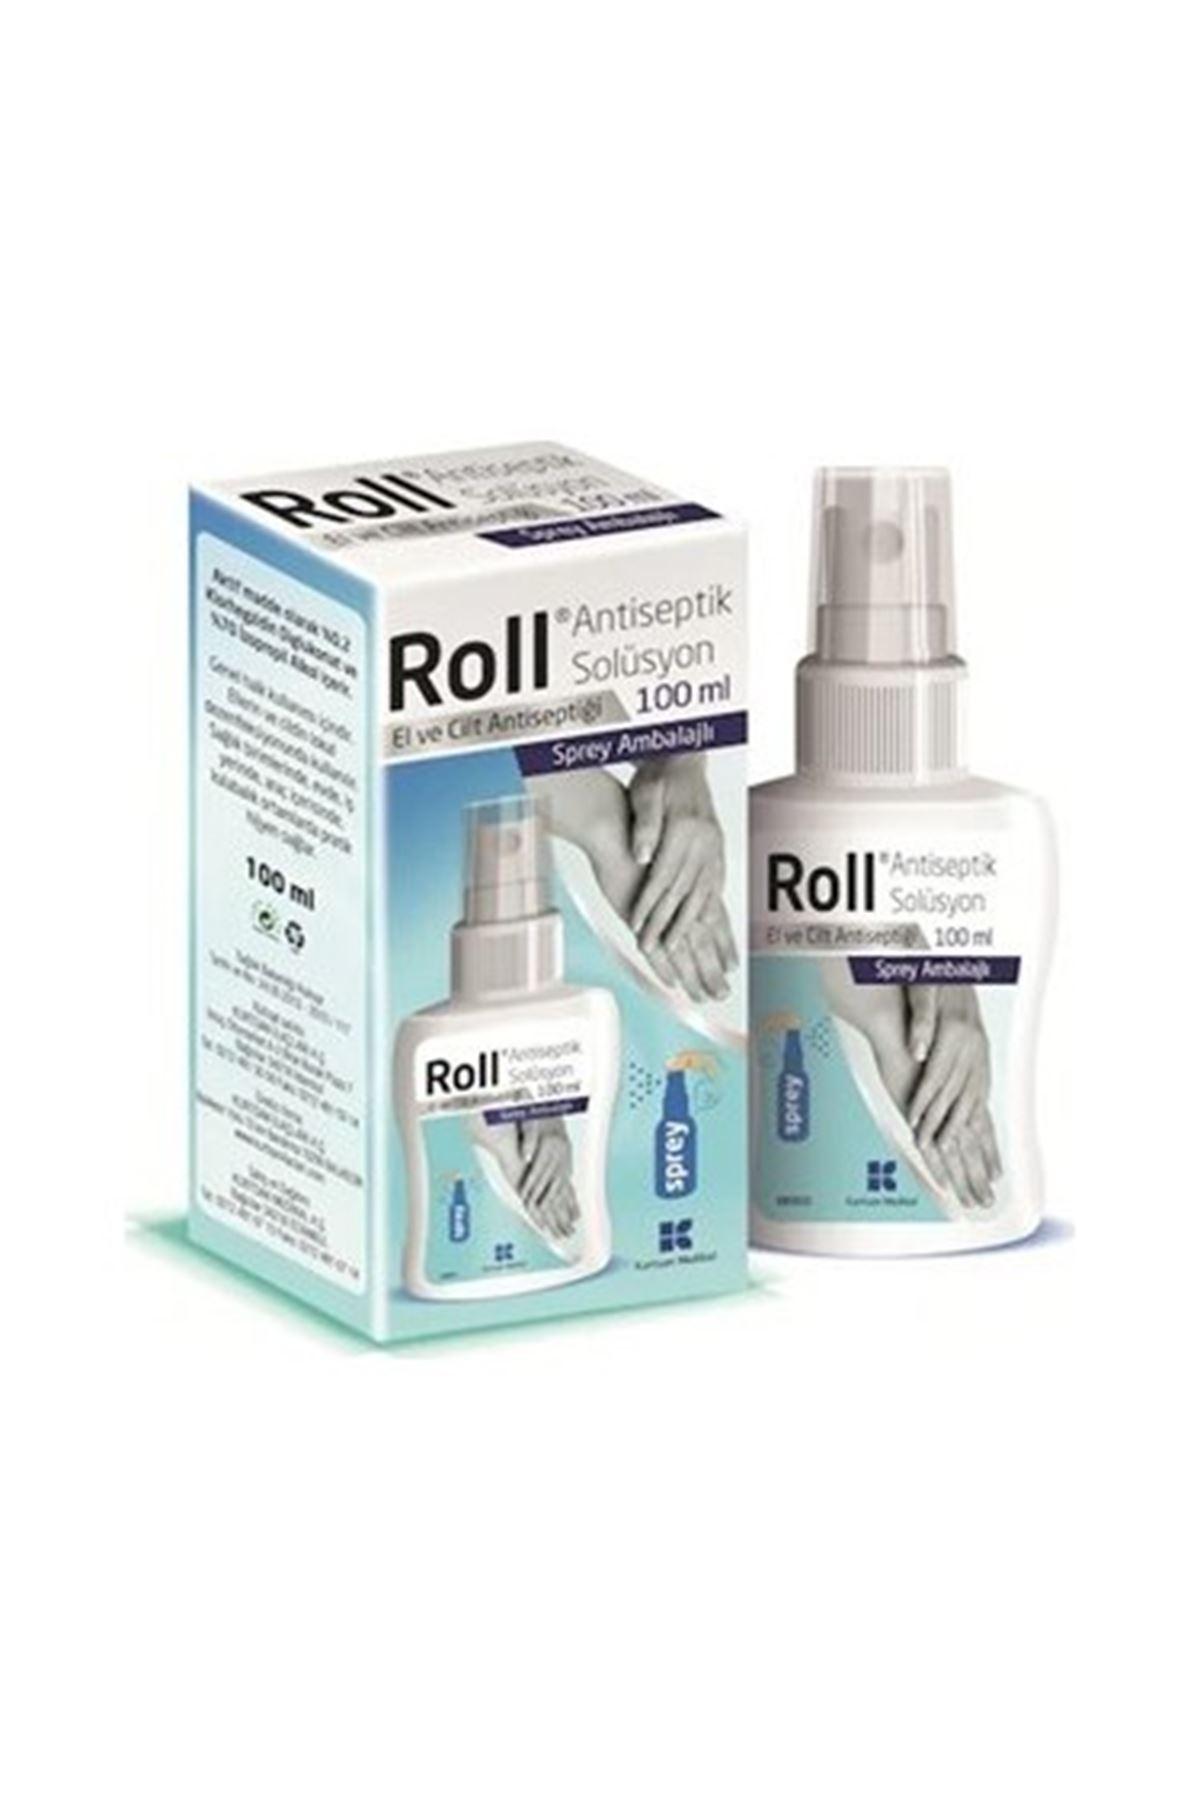 Roll Anteseptik Solusyon El Cilt Dezenfektanı 100 ML